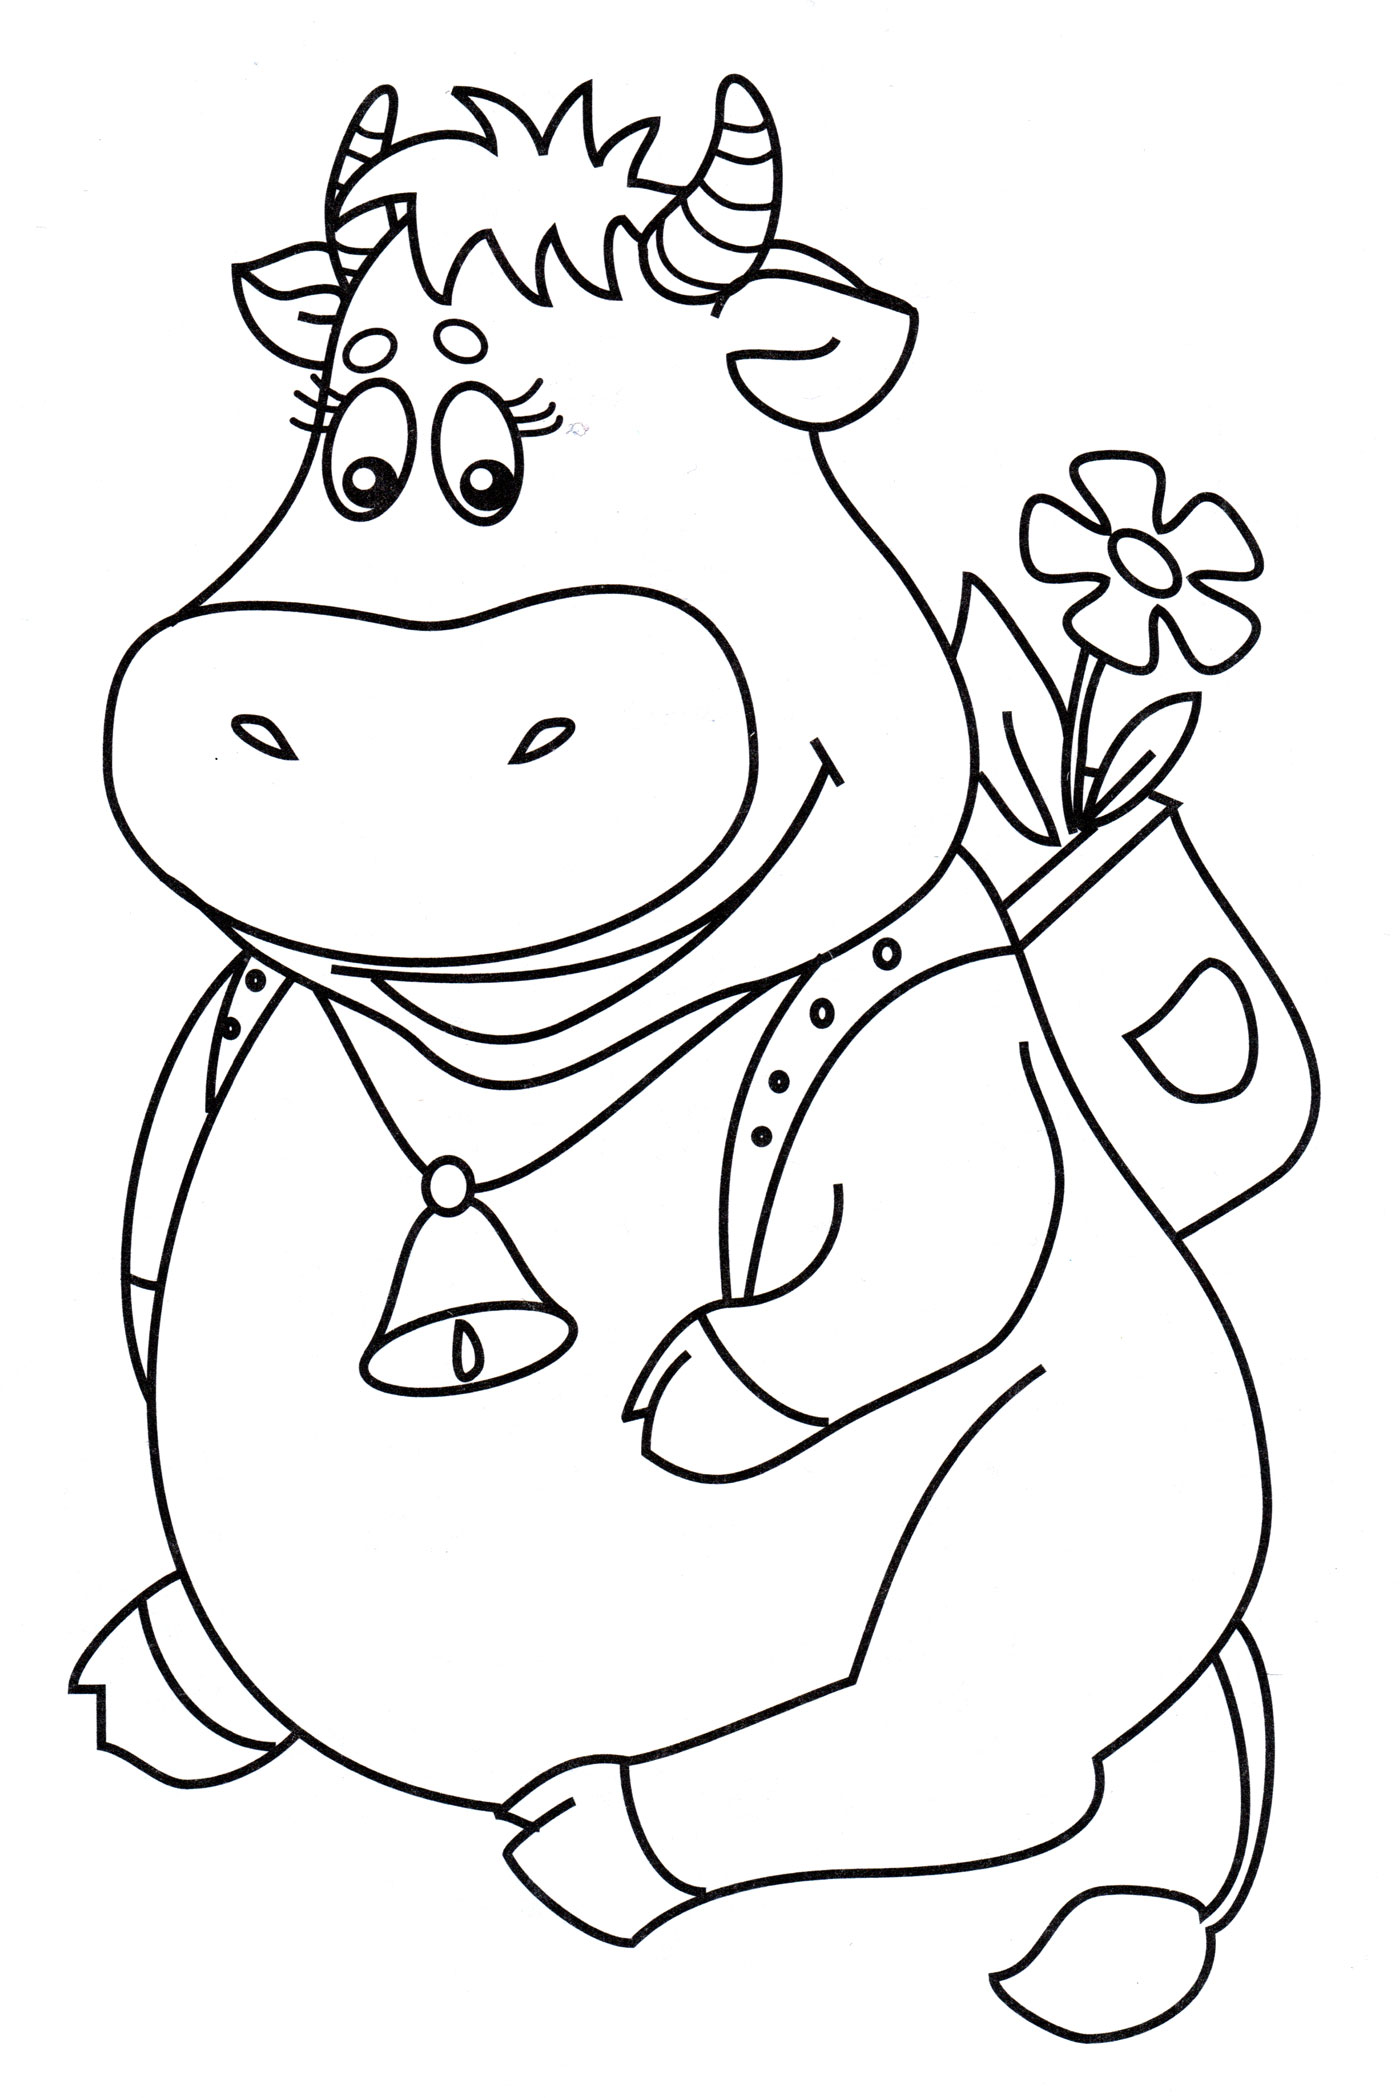 Раскраска Милая корова - распечатать бесплатно